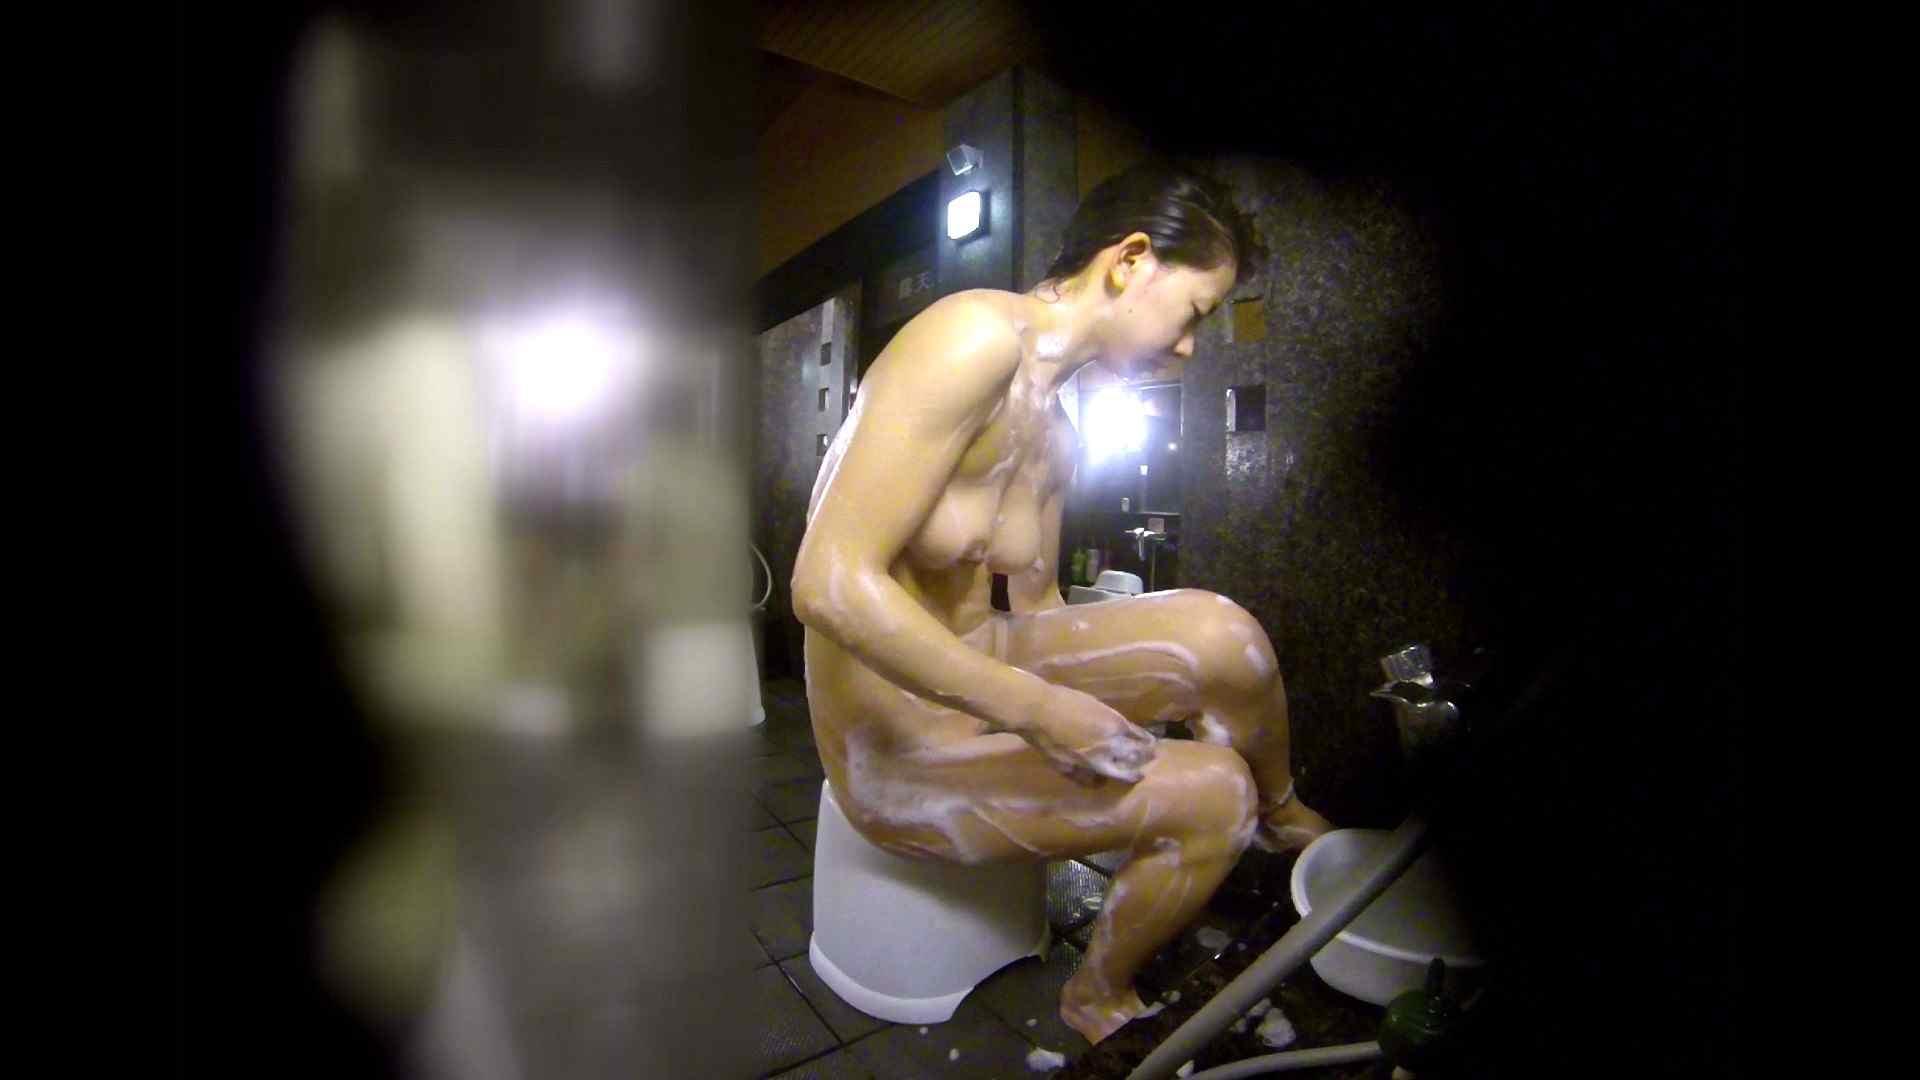 洗い場!綺麗なお女市さんは好きですか? 細身女性  104画像 72